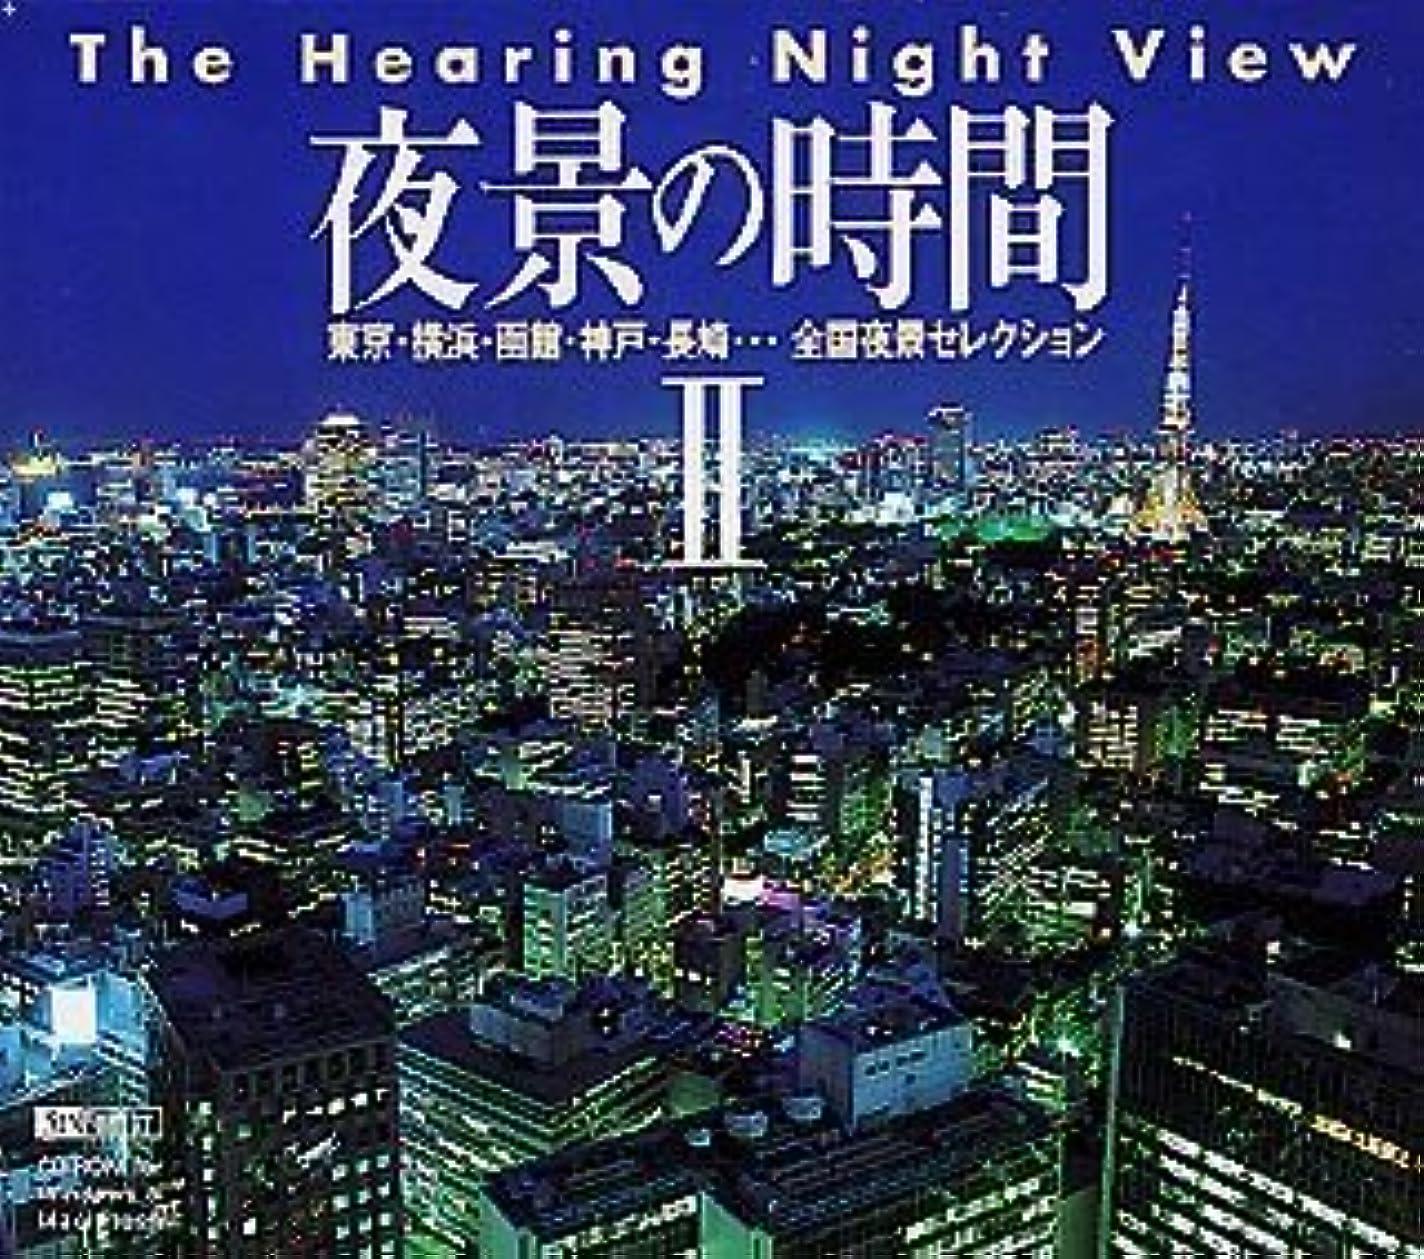 光電うつ空白夜景の時間 II - he Hearing Night View -